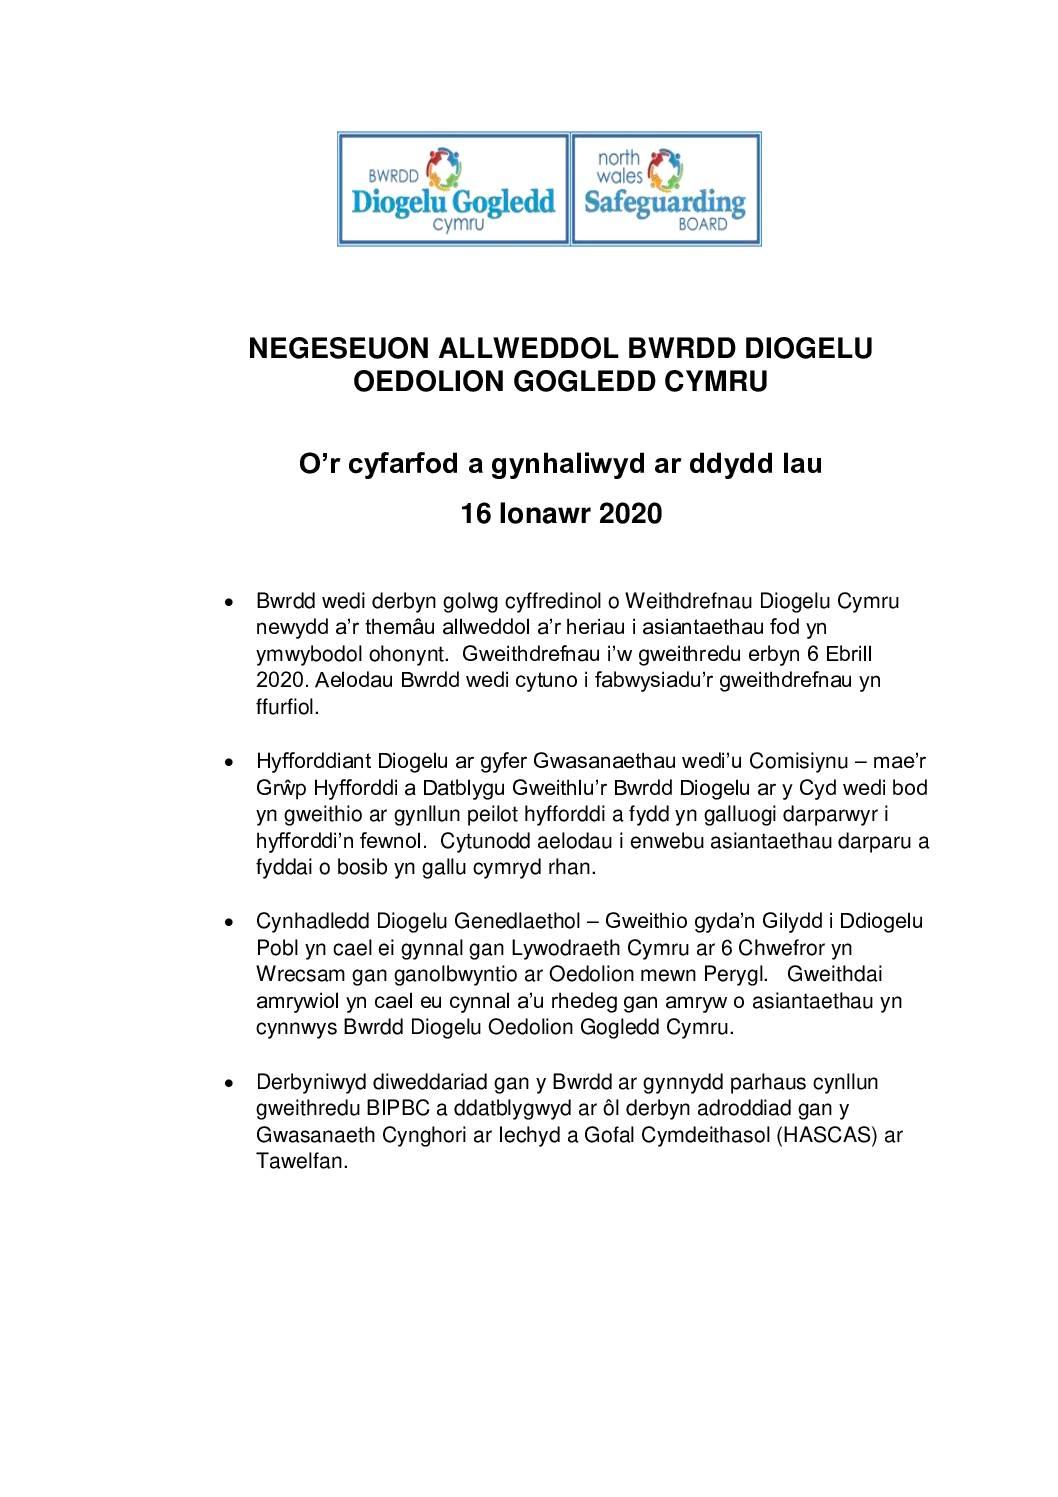 BGOGC Negeseuon Allweddol Ionawr 2020